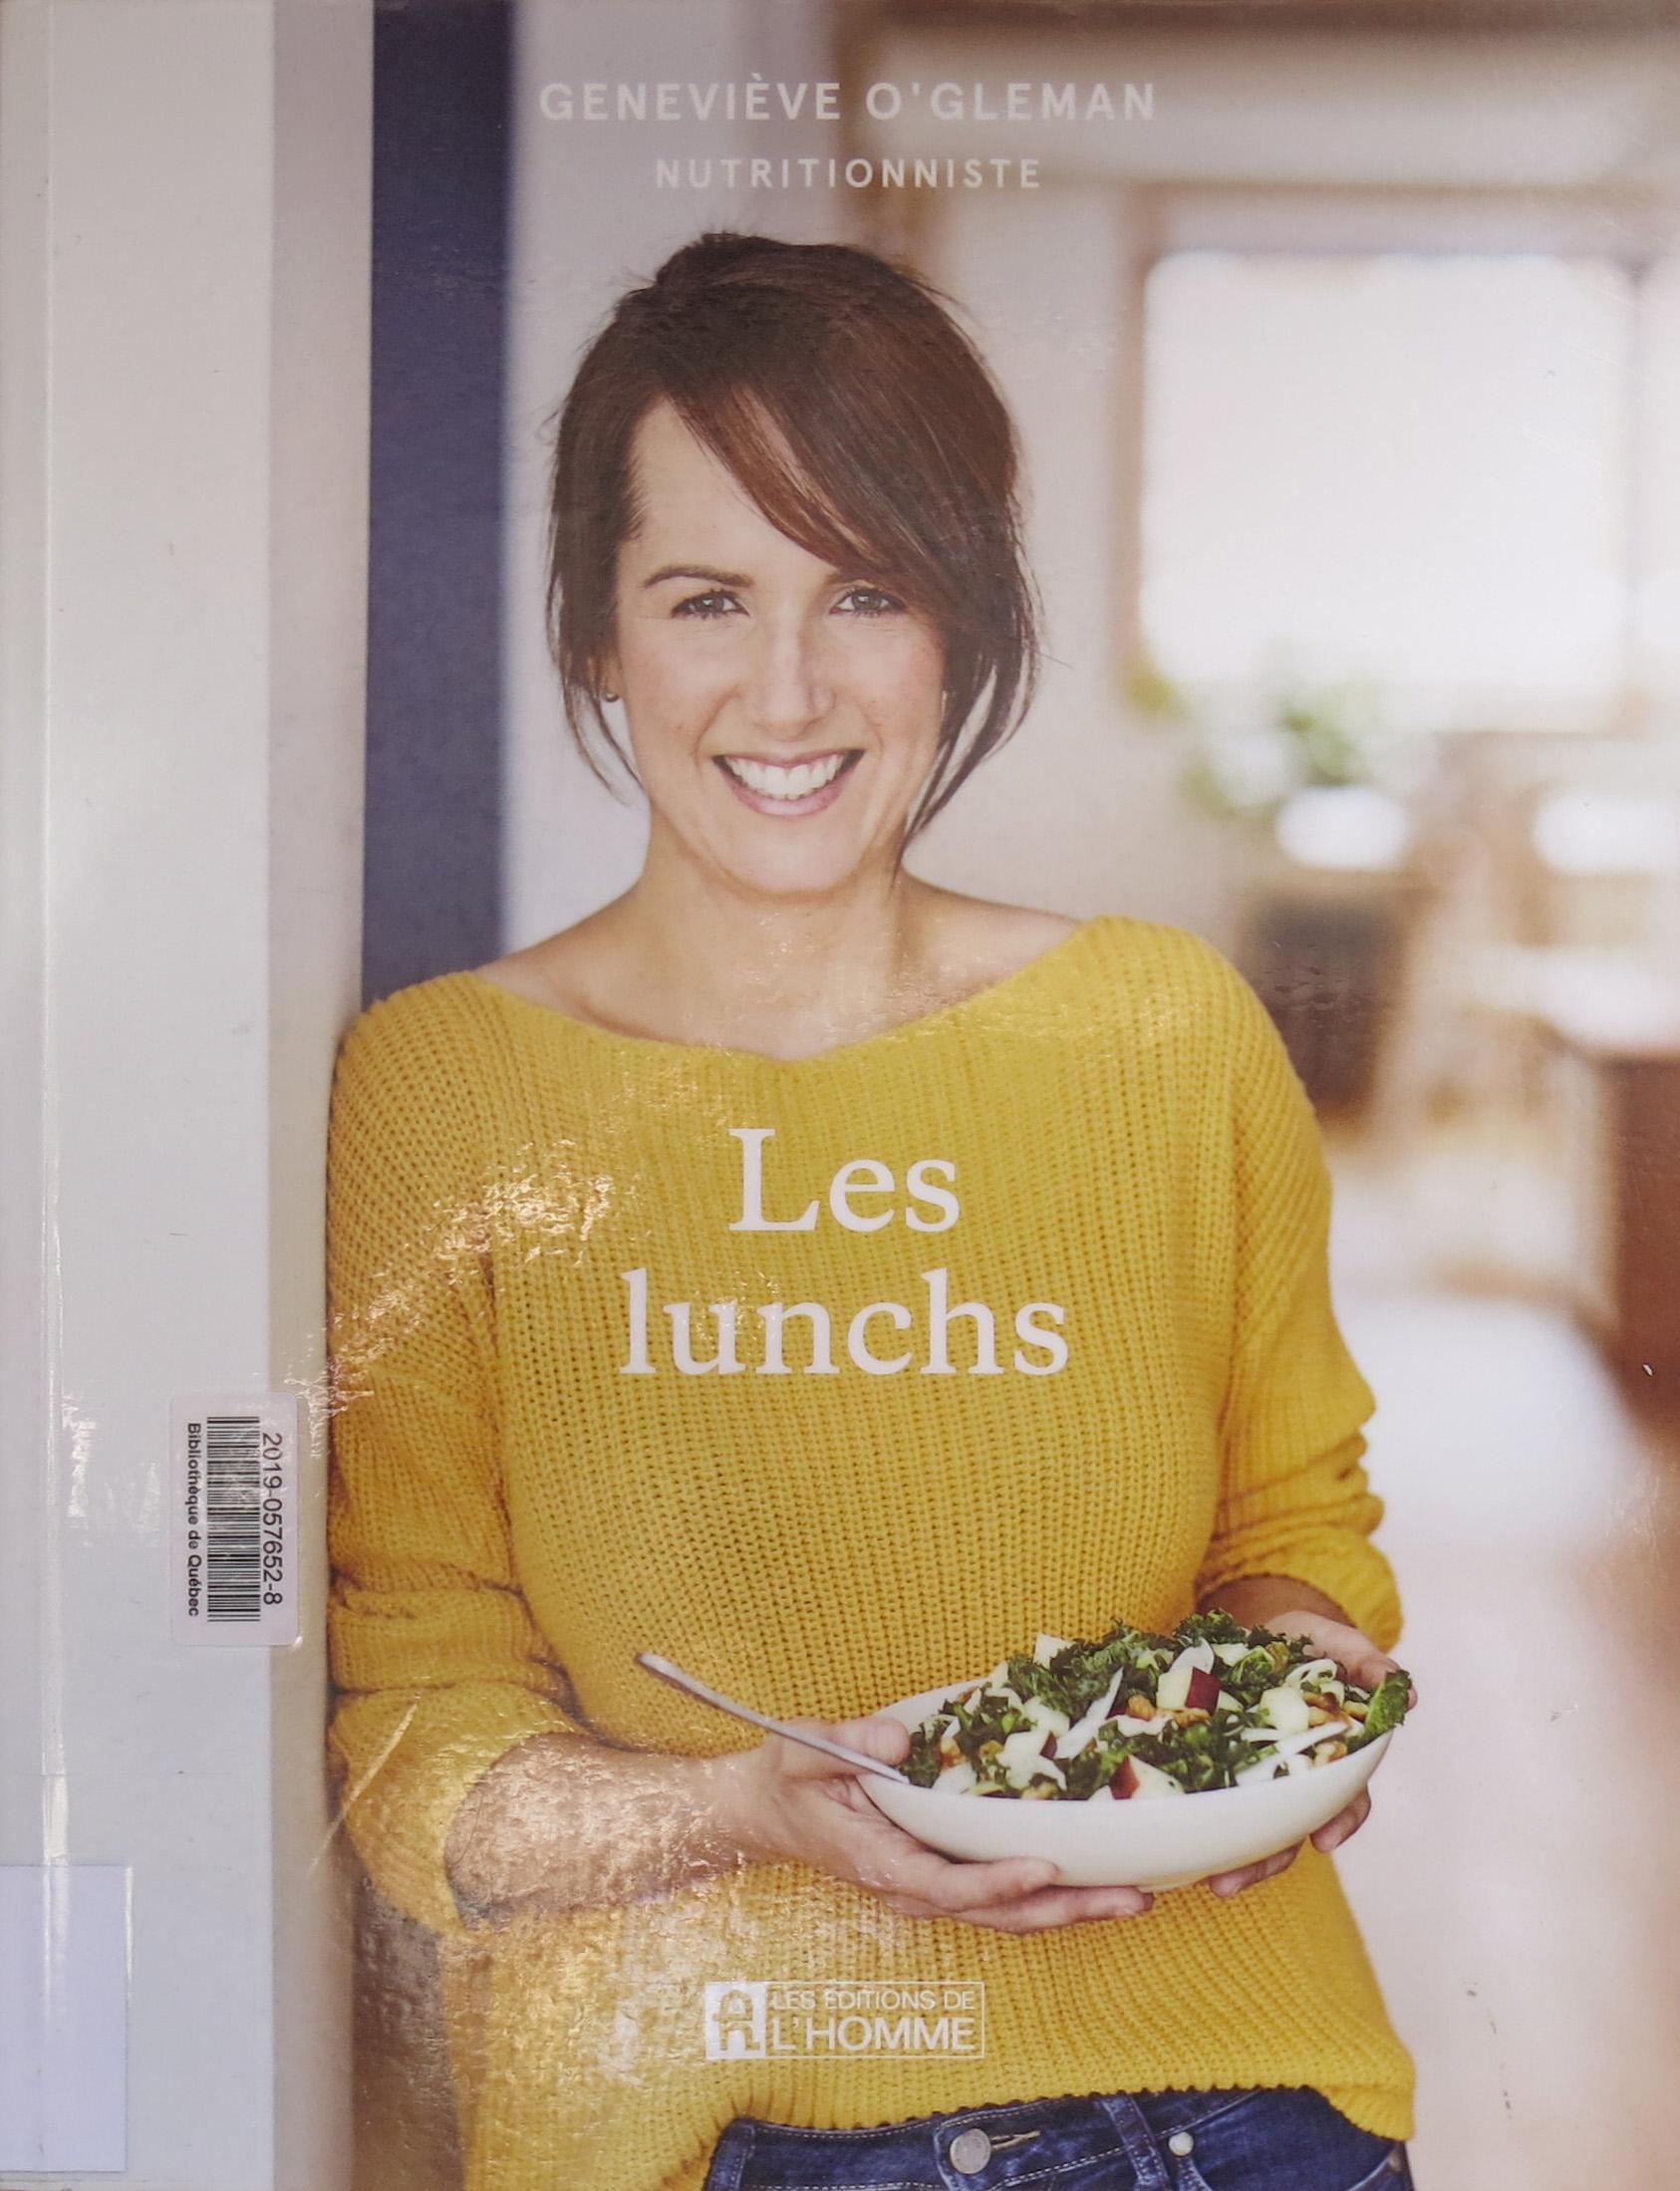 Les lunchs, par Geneviève O'Gleman